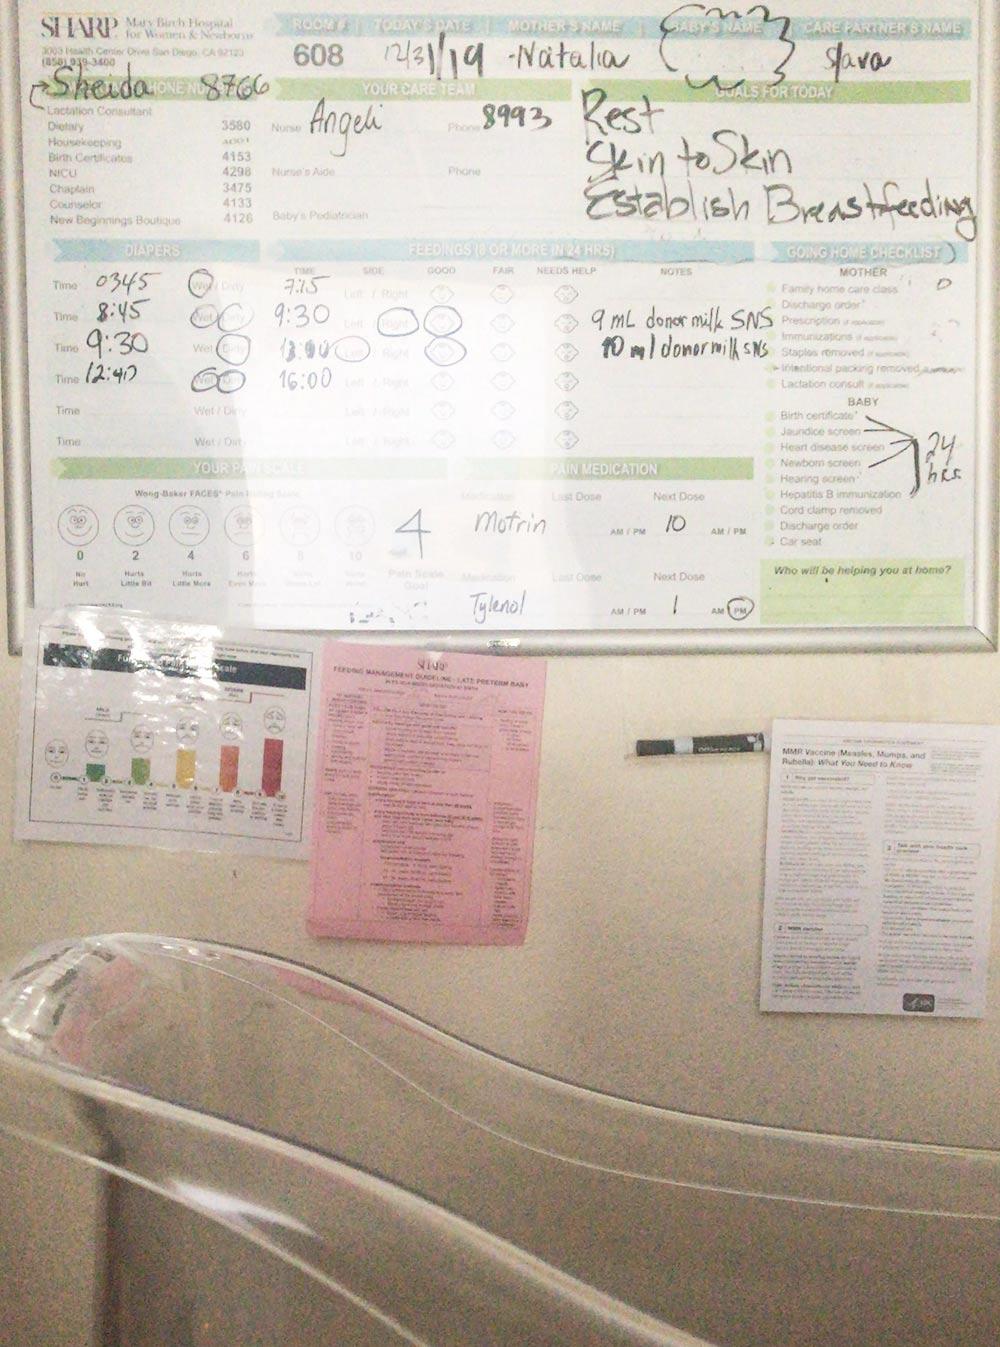 Доска в палате с главной информацией. На ней мы фиксировали кормления и смену подгузников. Утром дежурная медсестра писала свое имя и номер телефона, а также наш план на день